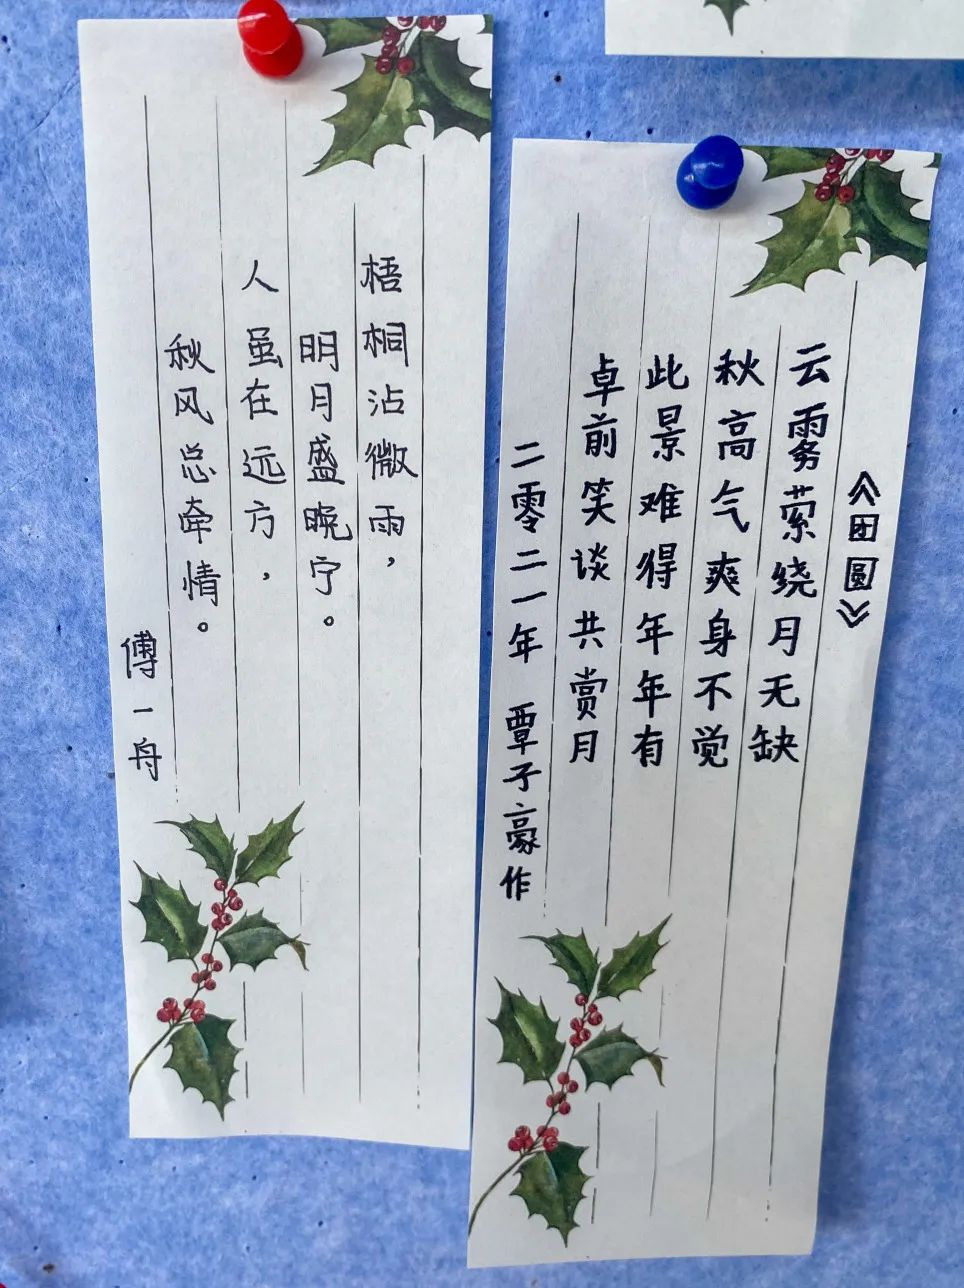 上海民办光华中学庆中秋活动 | 浓情中秋,月满光华